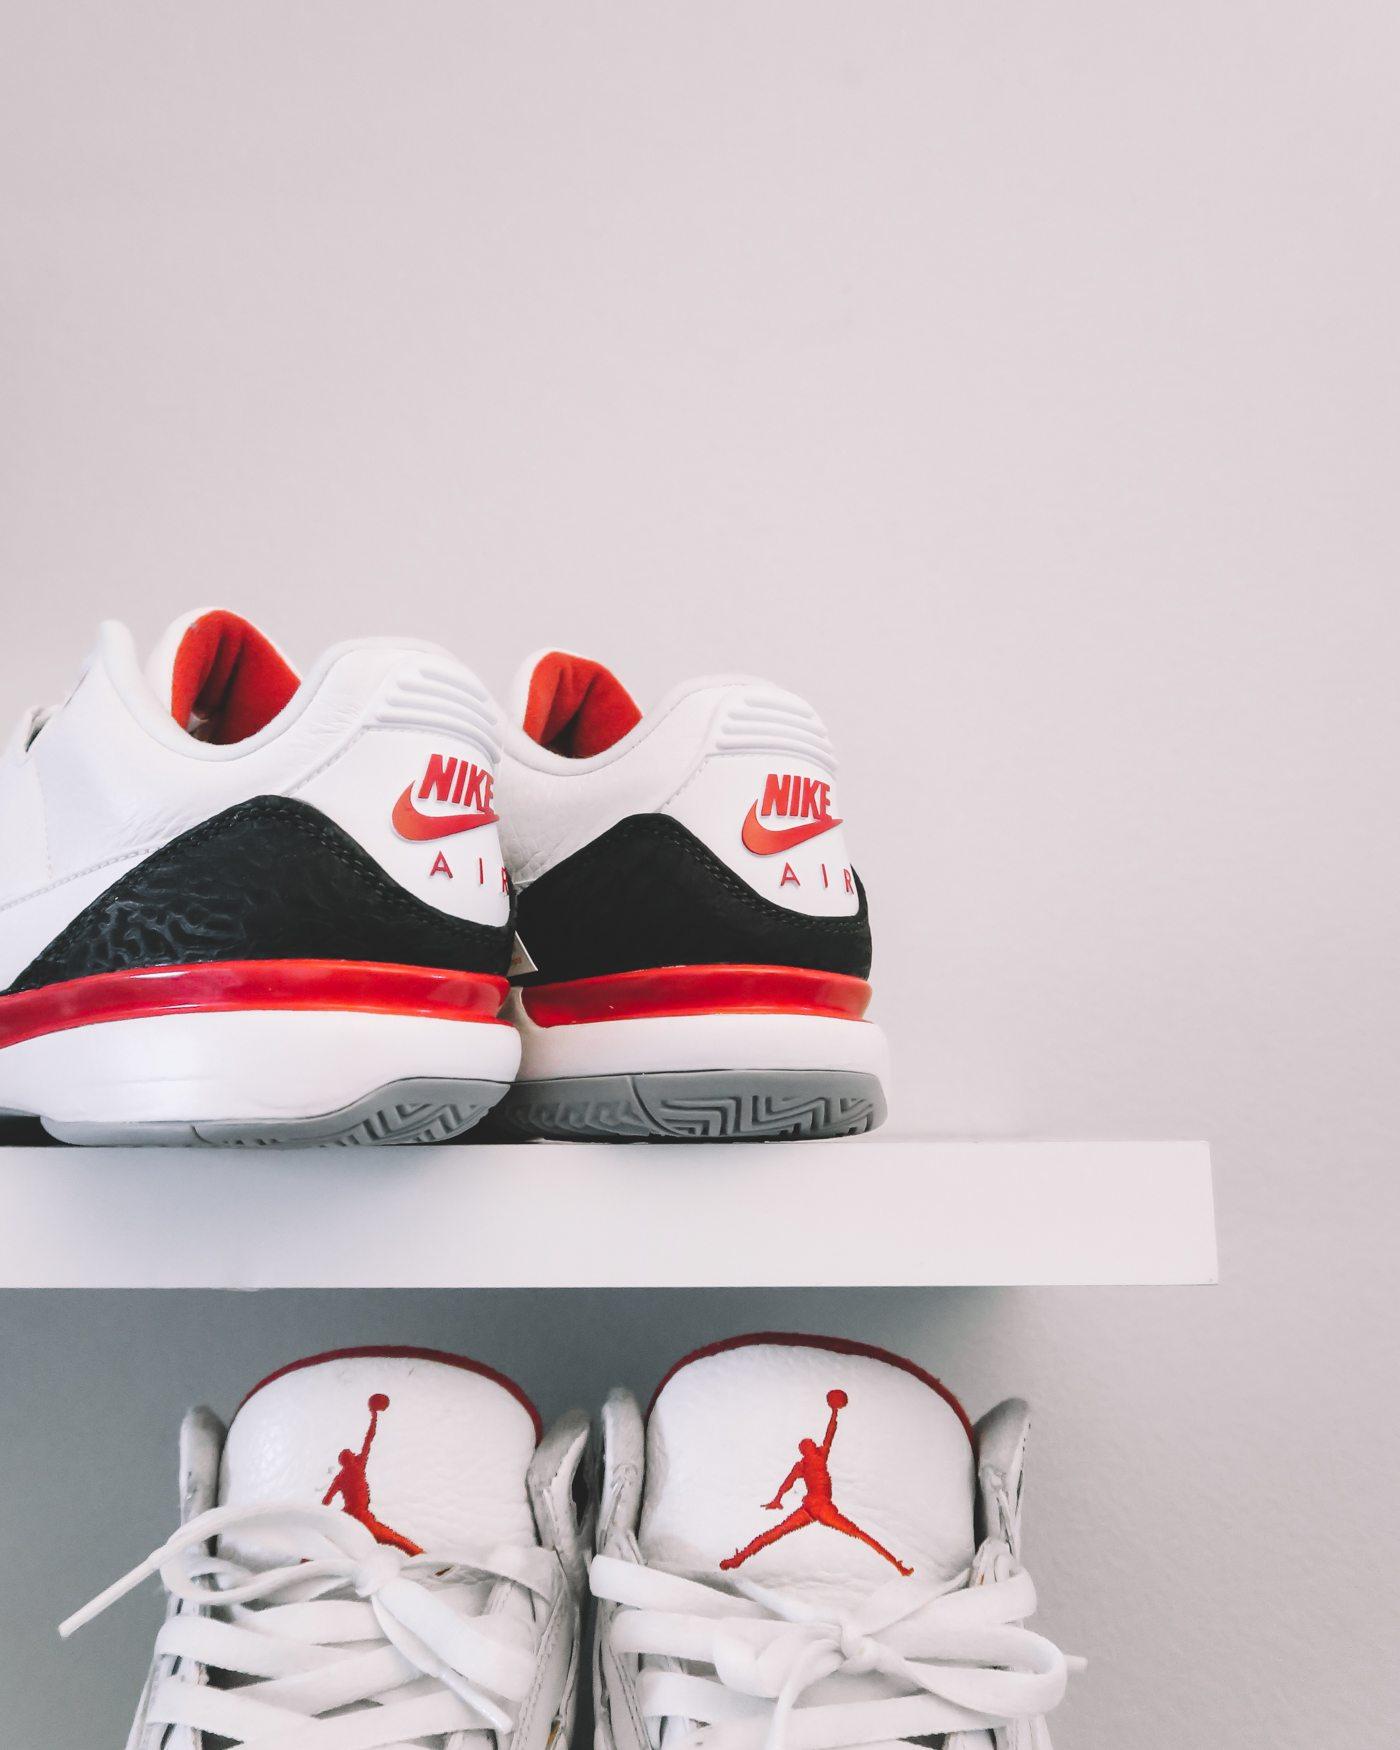 original jordan sneakers nike zoom vapor shoes